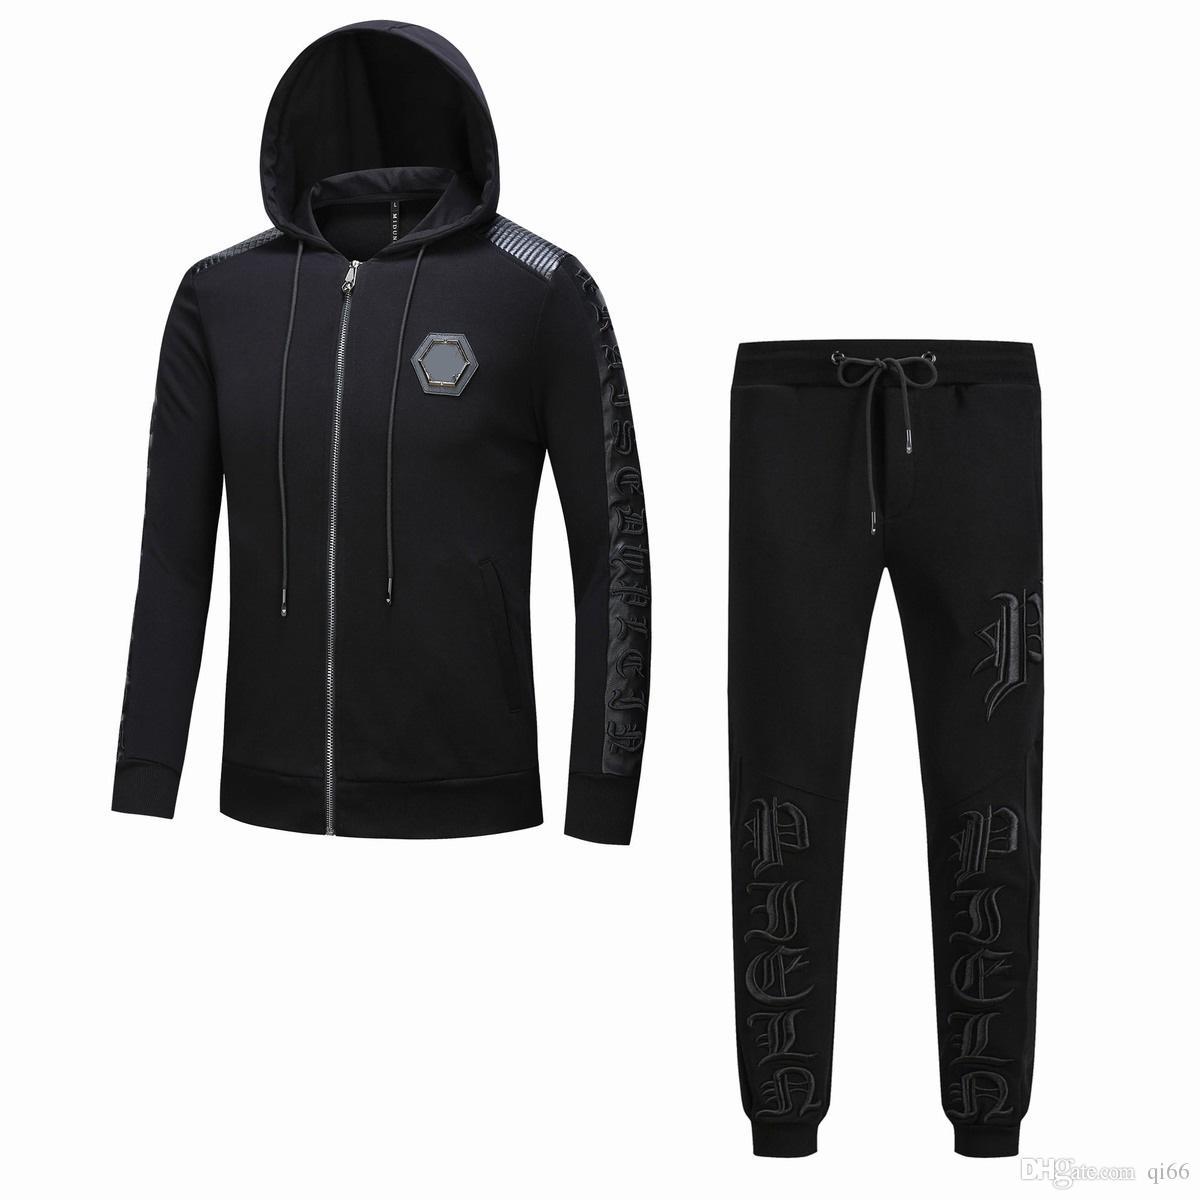 Acquista 2019 Tuta Sportiva Skulls PP Uomo Cotone Abbigliamento Felpa Con  Cappuccio Tuta Maschile Fitness Casual Slim Felpe A Maniche Lunghe Cappotti  + ... 4c68ae71ea8